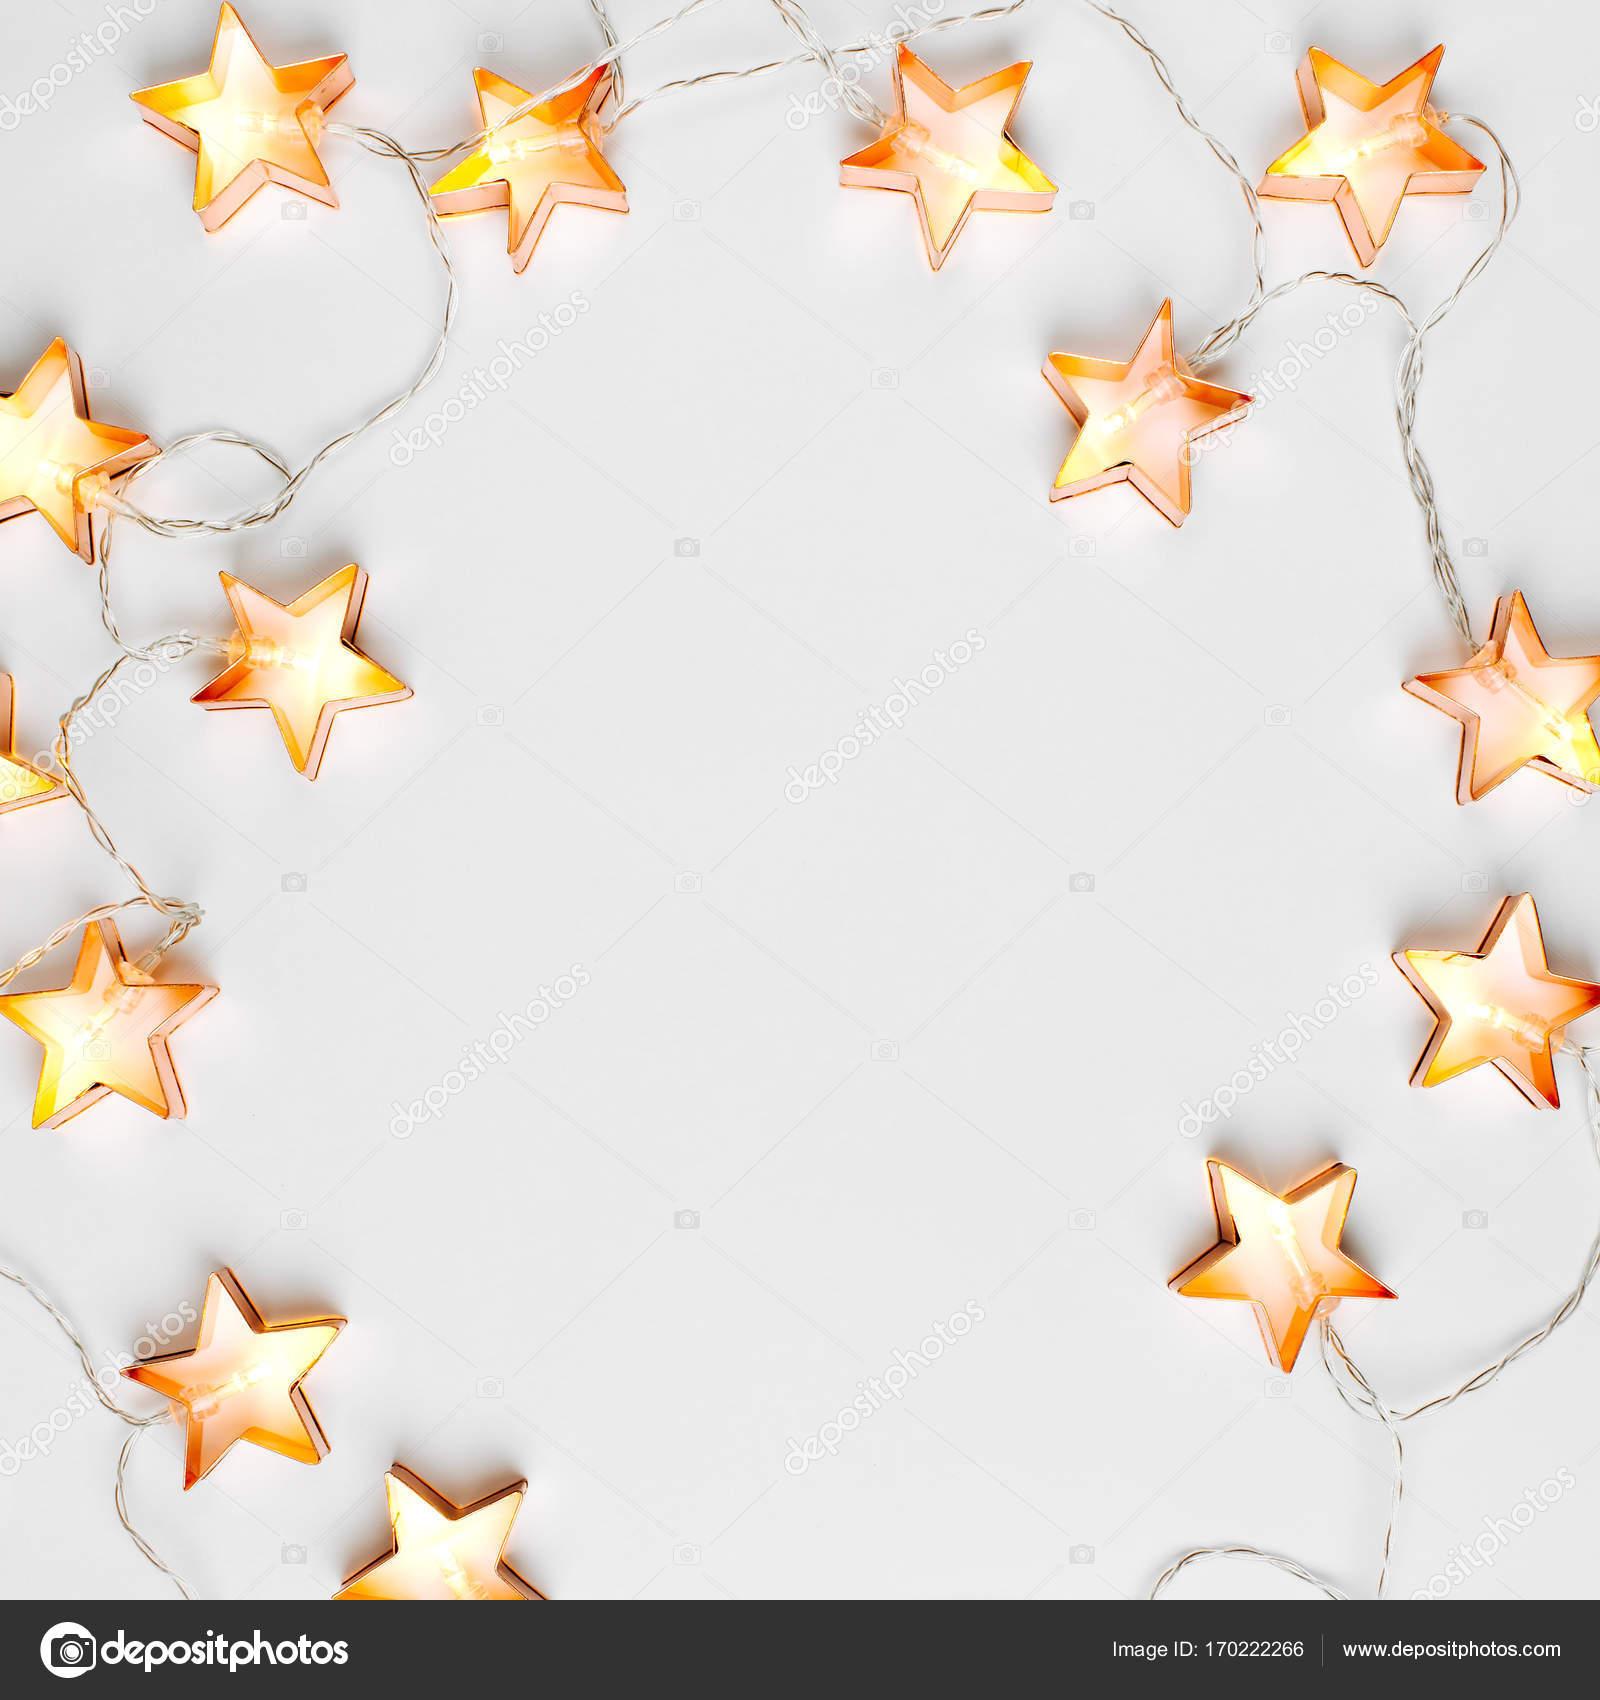 Ster verlichting decoratie — Stockfoto © Igishevamaria #170222266